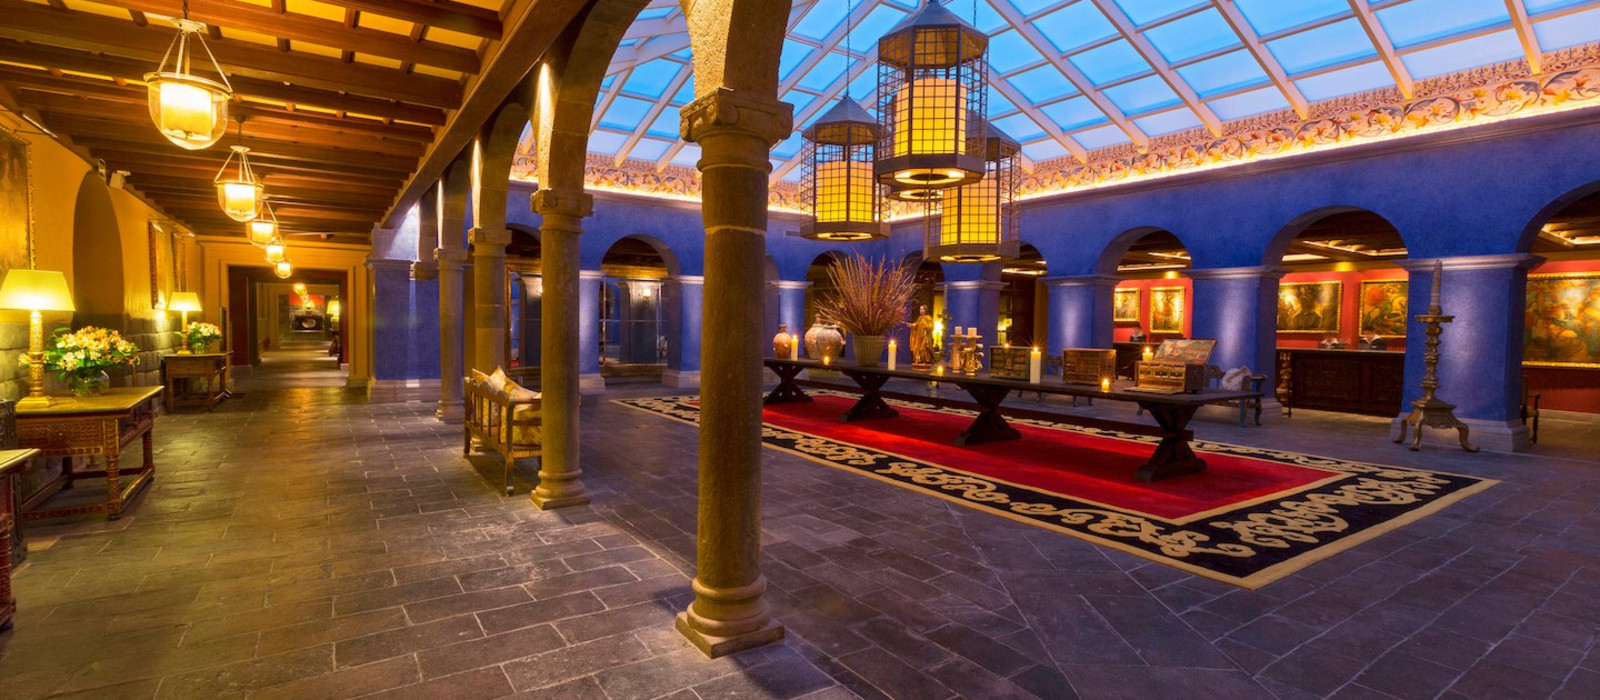 Hotel Palacio del Inka Peru